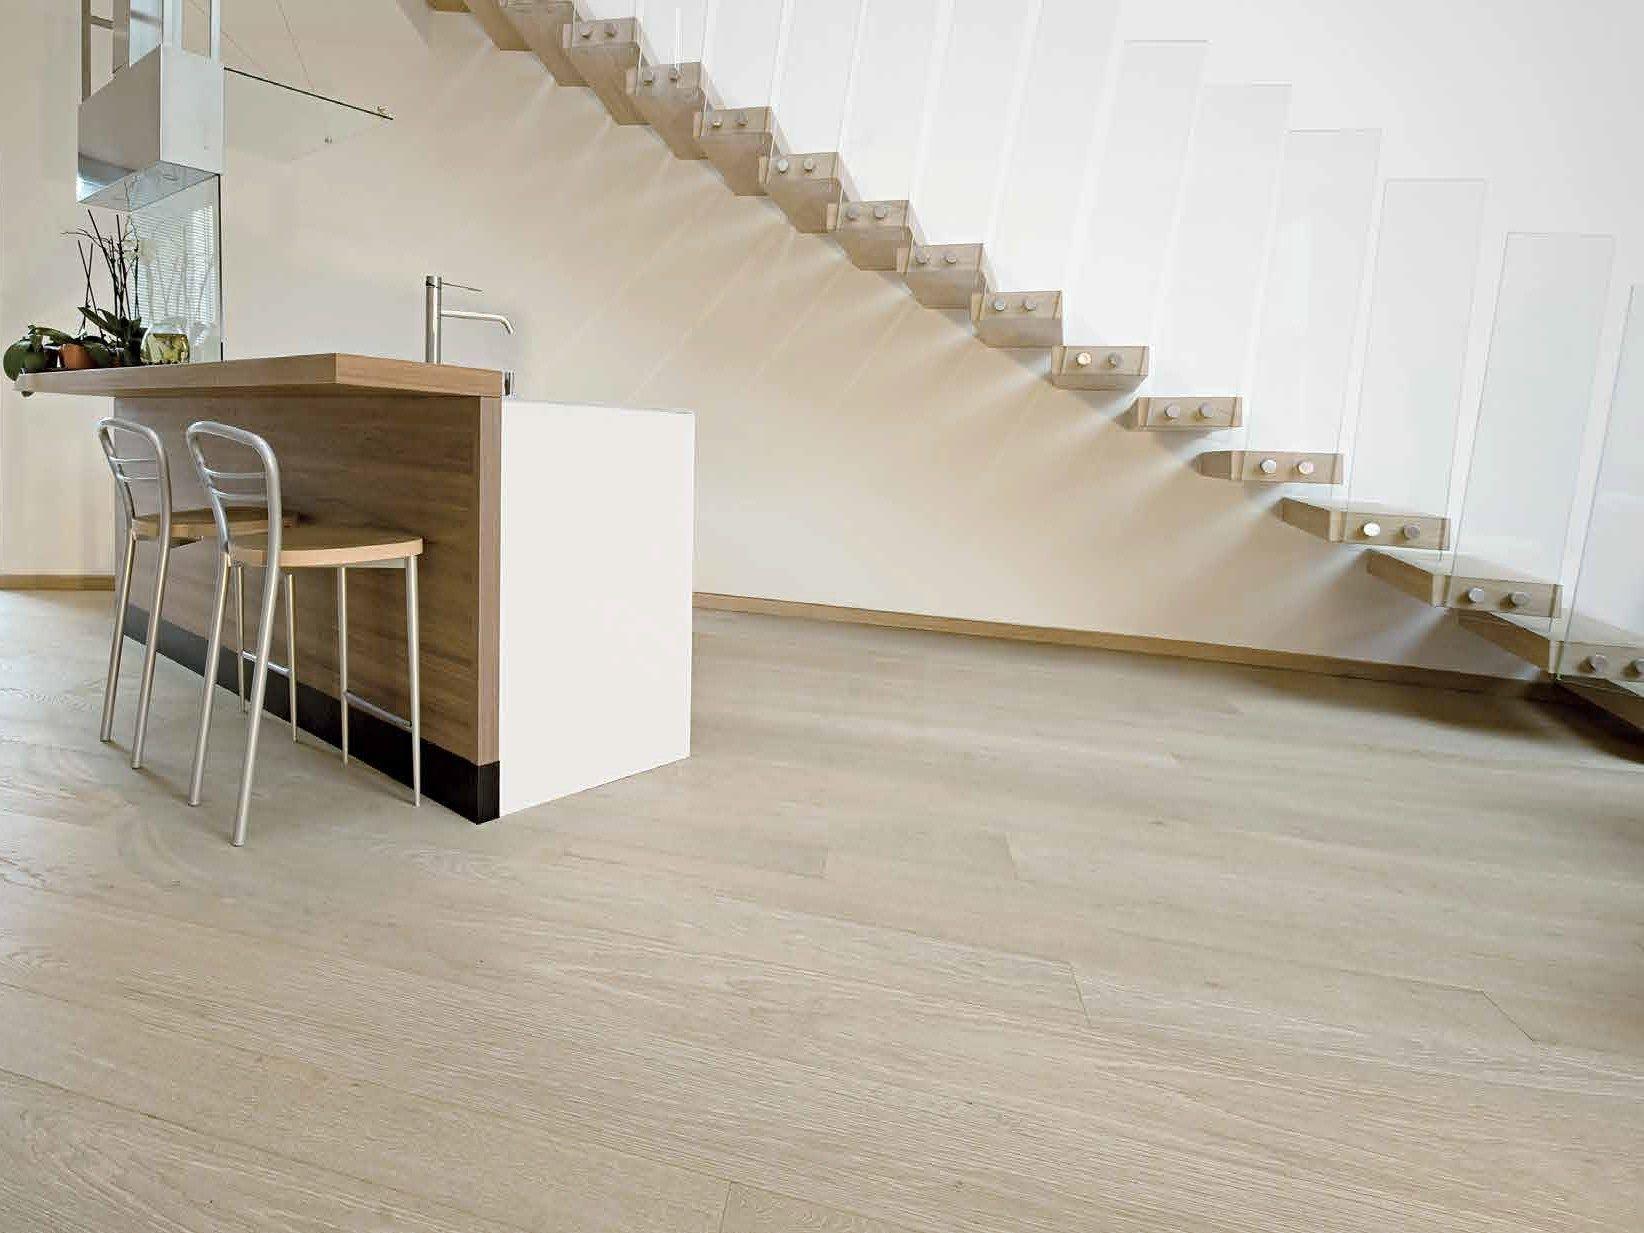 Parquet prefinito in legno classic master floor by garbelotto - Parquet flottante ikea ...